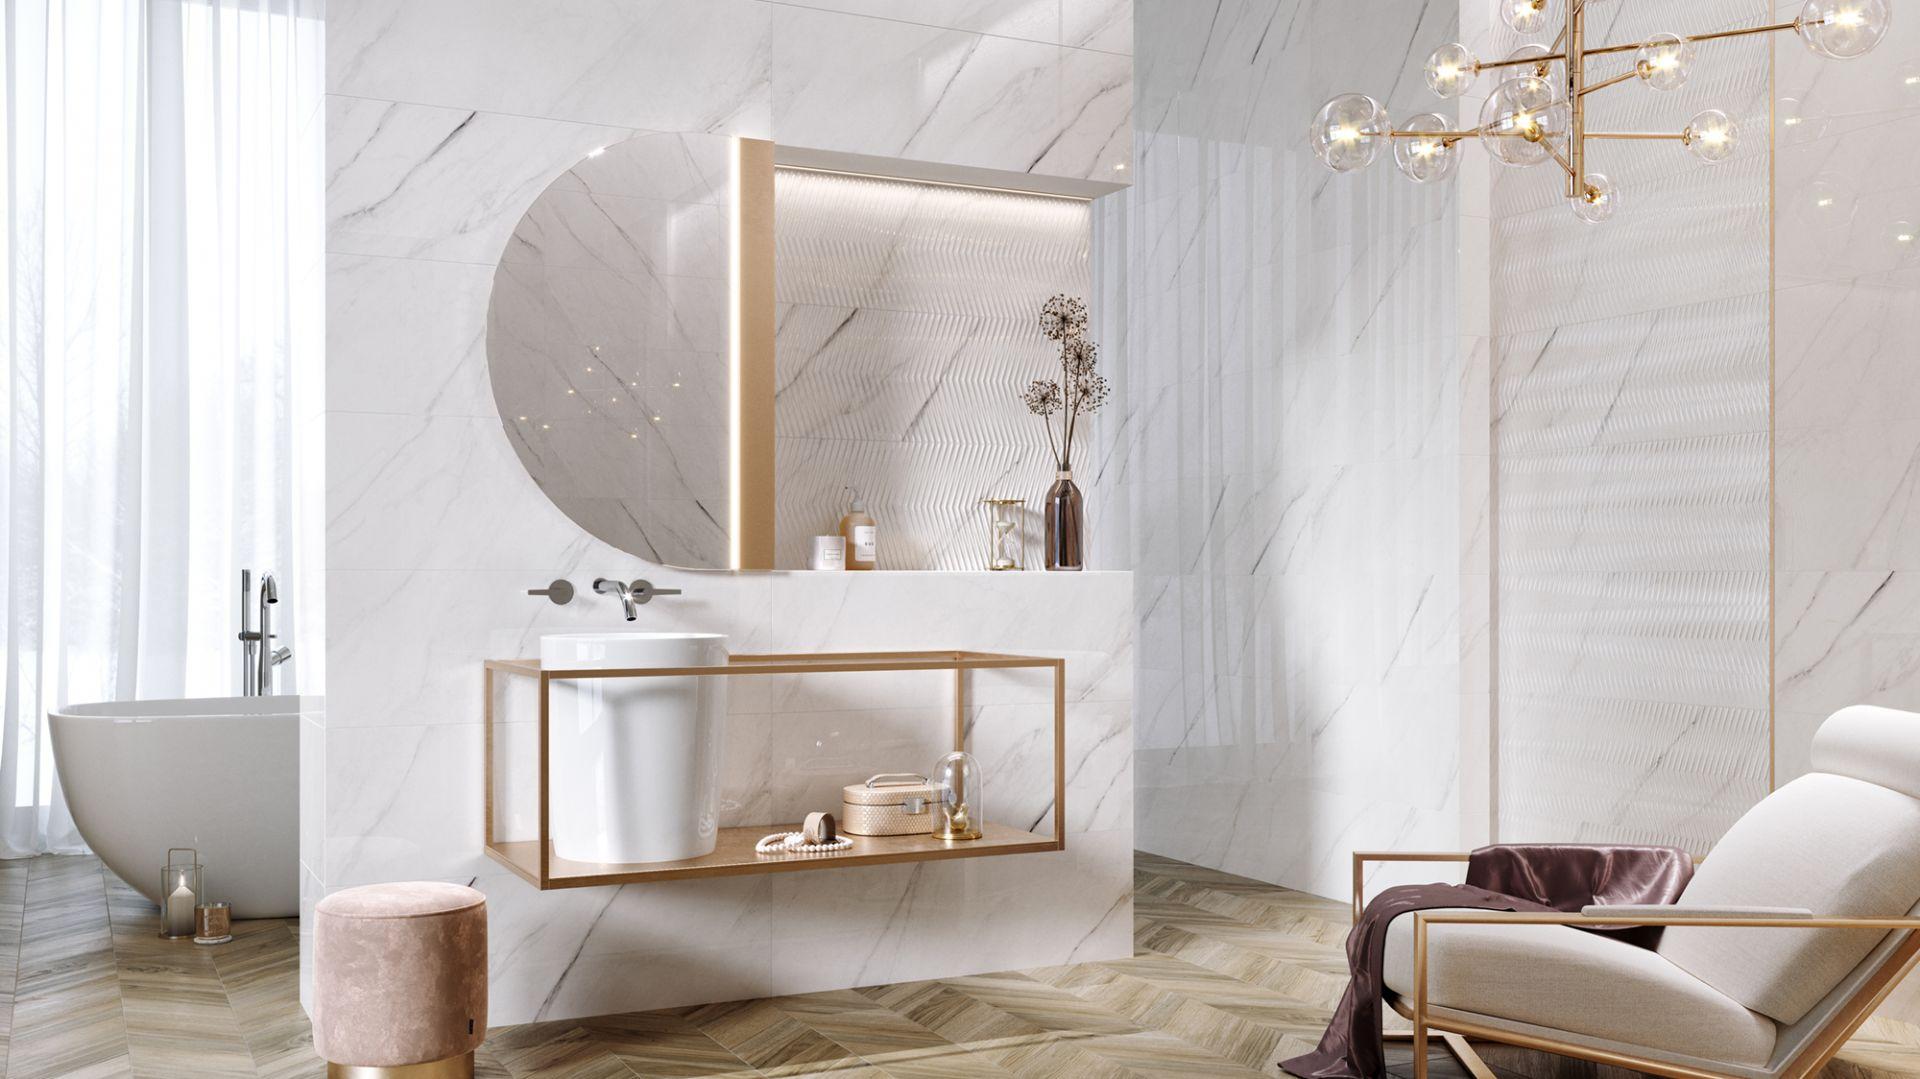 Kolekcja płytek Carrara Chick inspirowana klasycznym, białym marmurem. Fot. Opoczno